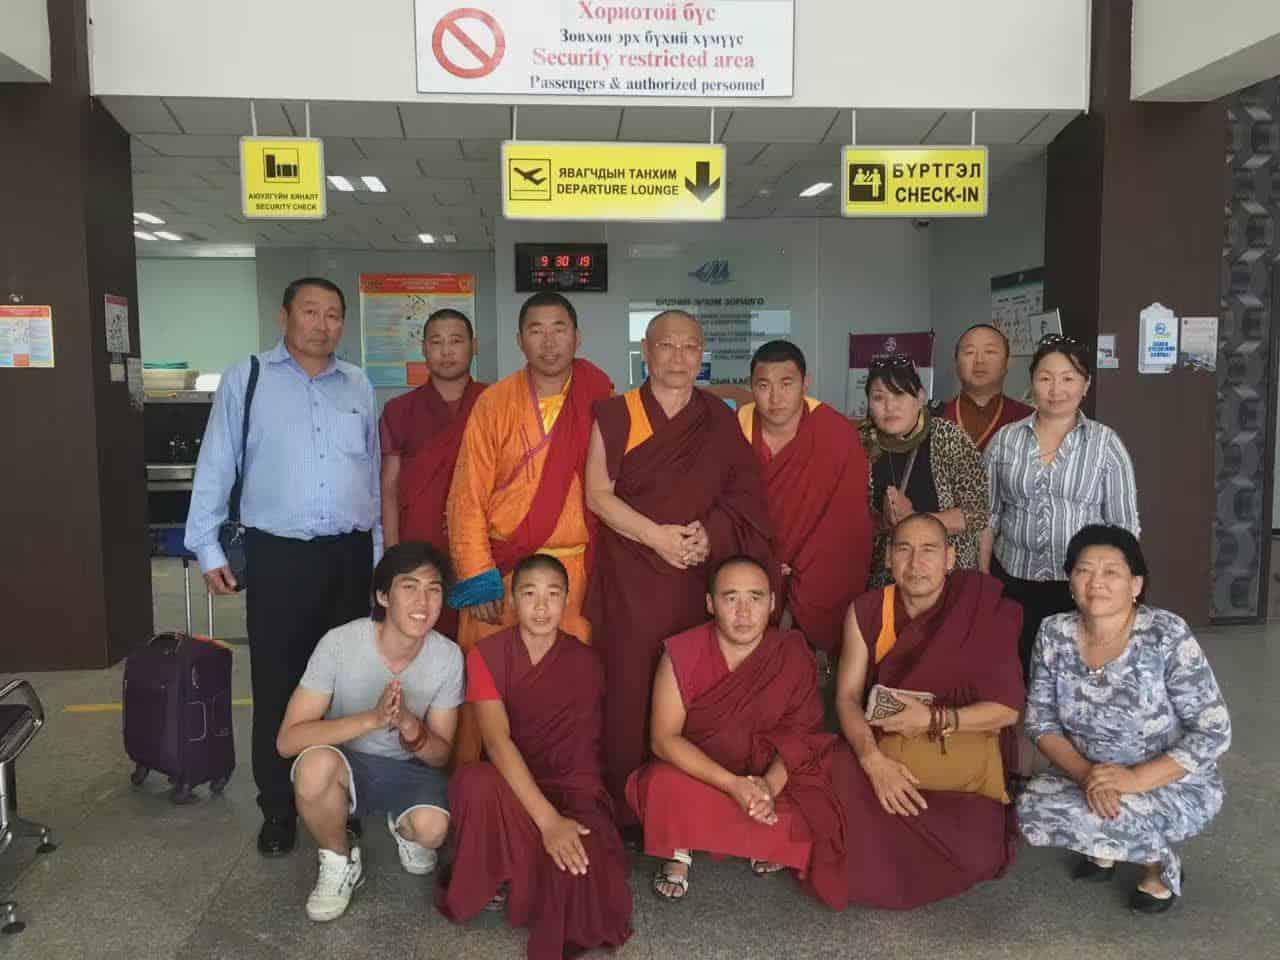 gosok-rinpoche-mongolia-2016-c7806e93410fa40b87c9539c309d5d2